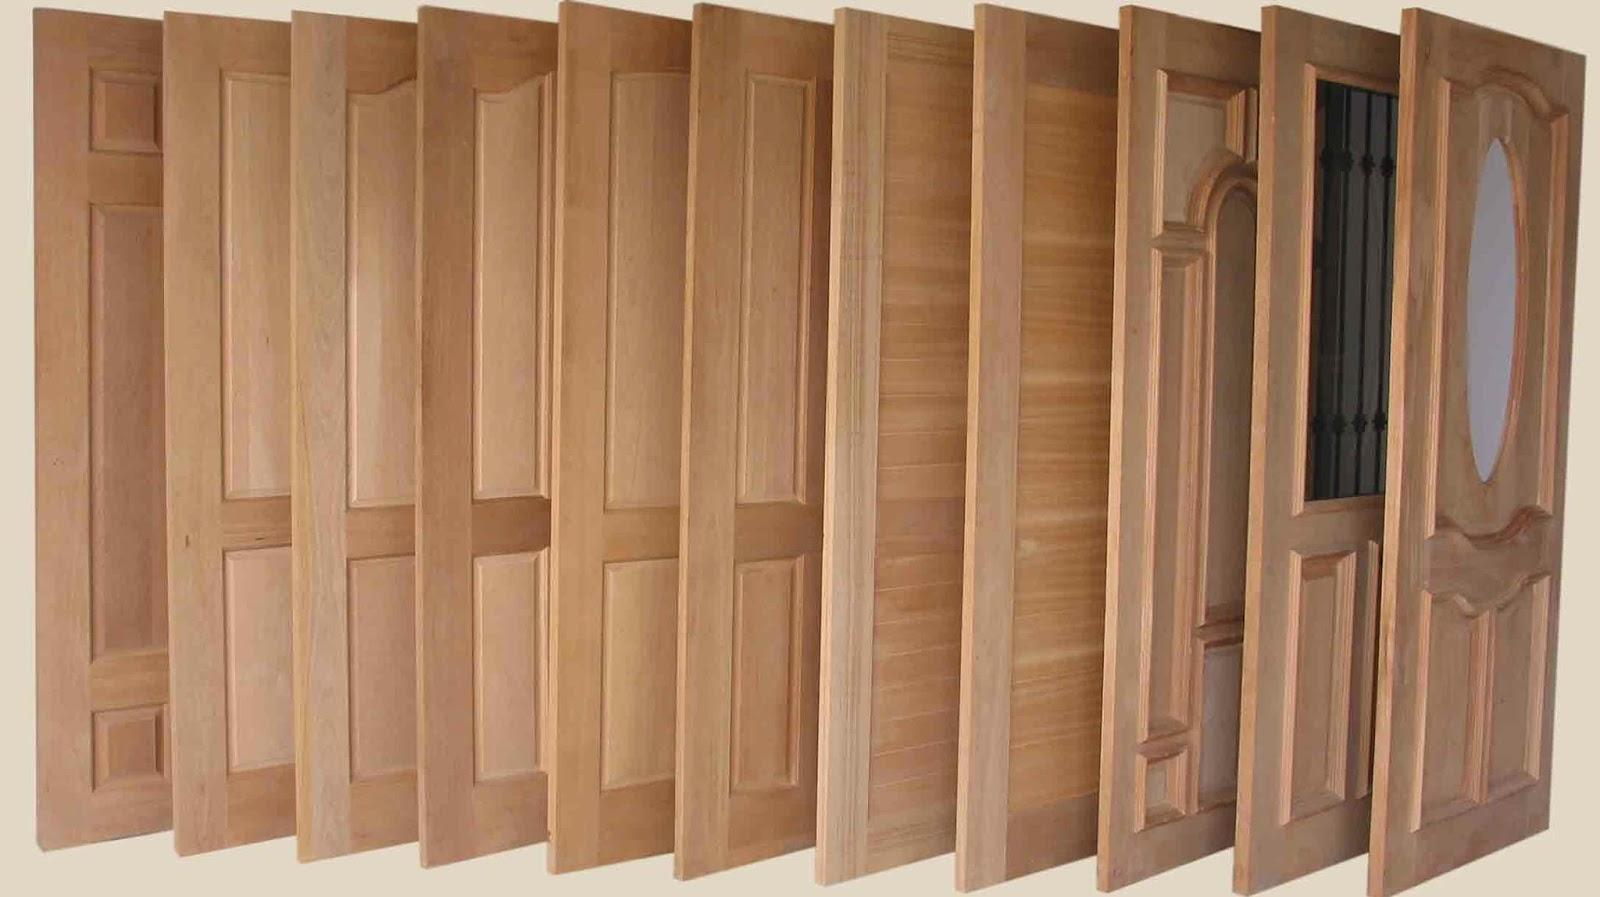 Carpintero sevilla 665 848 800 puertas tarimas - Fotos para puertas ...